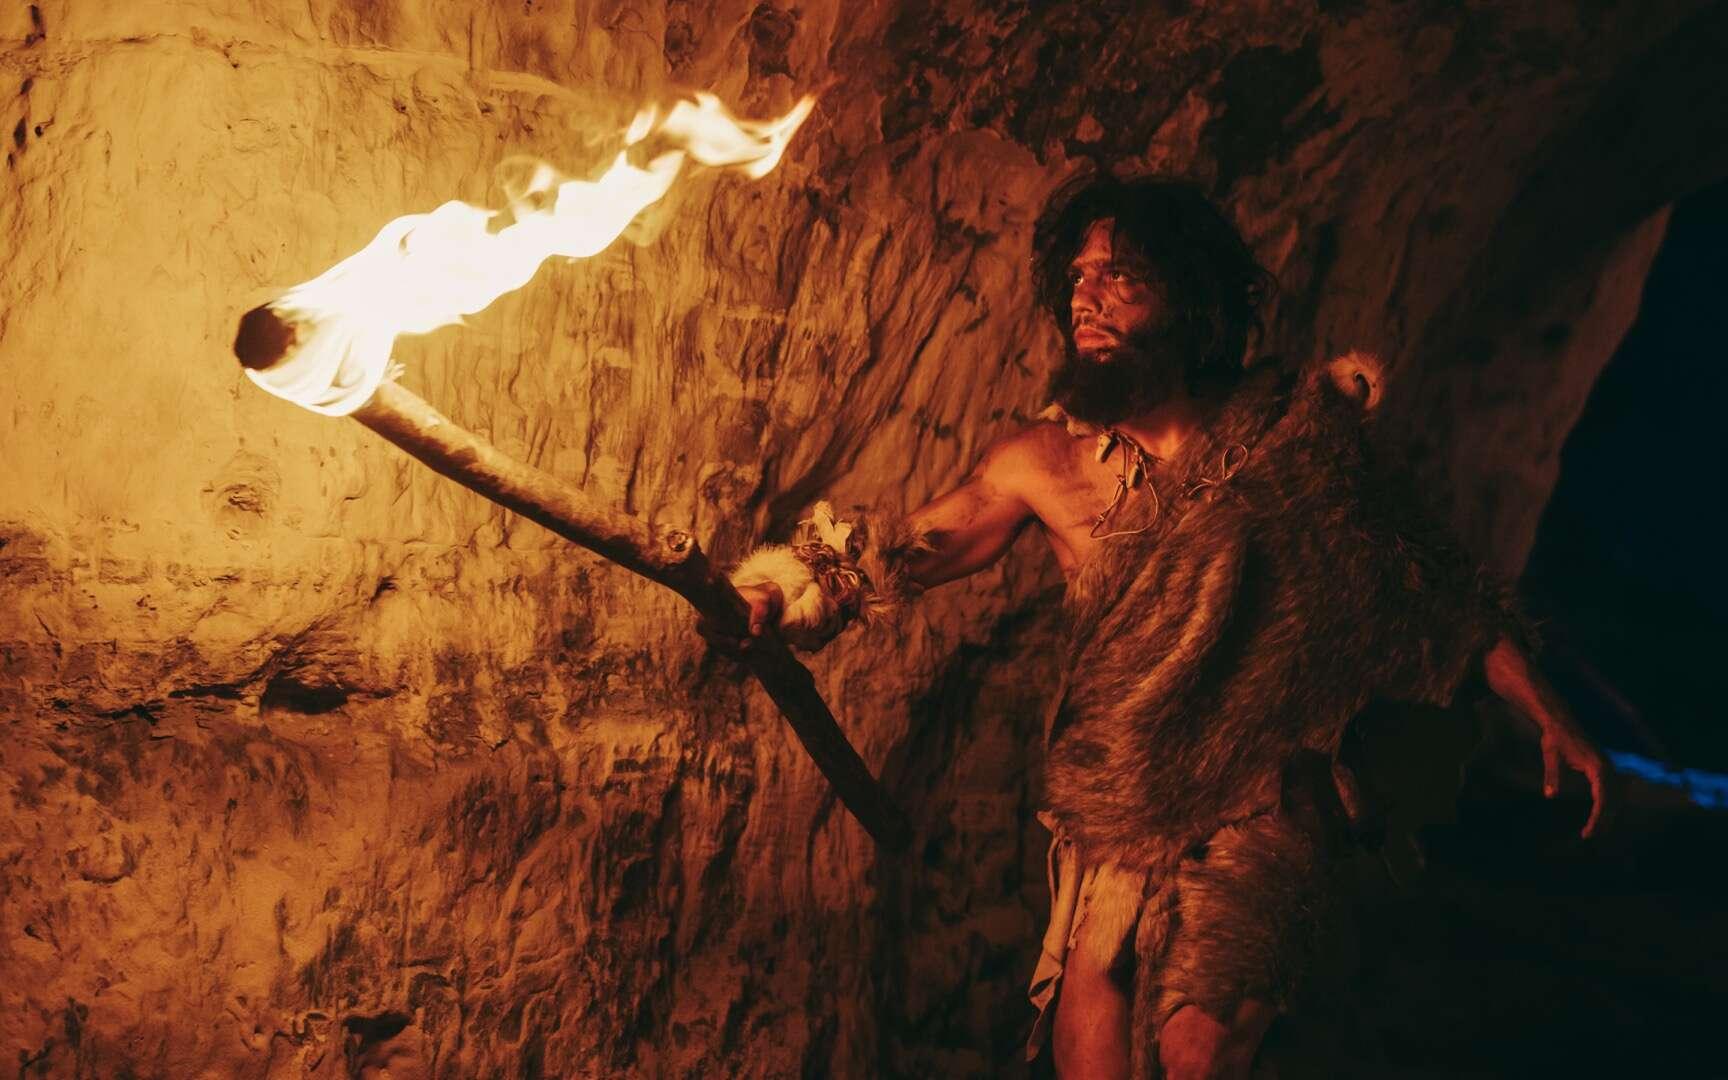 Des paléoanthropologues se sont mis dans la peau de chasseurs néandertaliens et ont réussi à attraper des oiseaux à mains nues. © Gorodenkoff, Adobe Stock